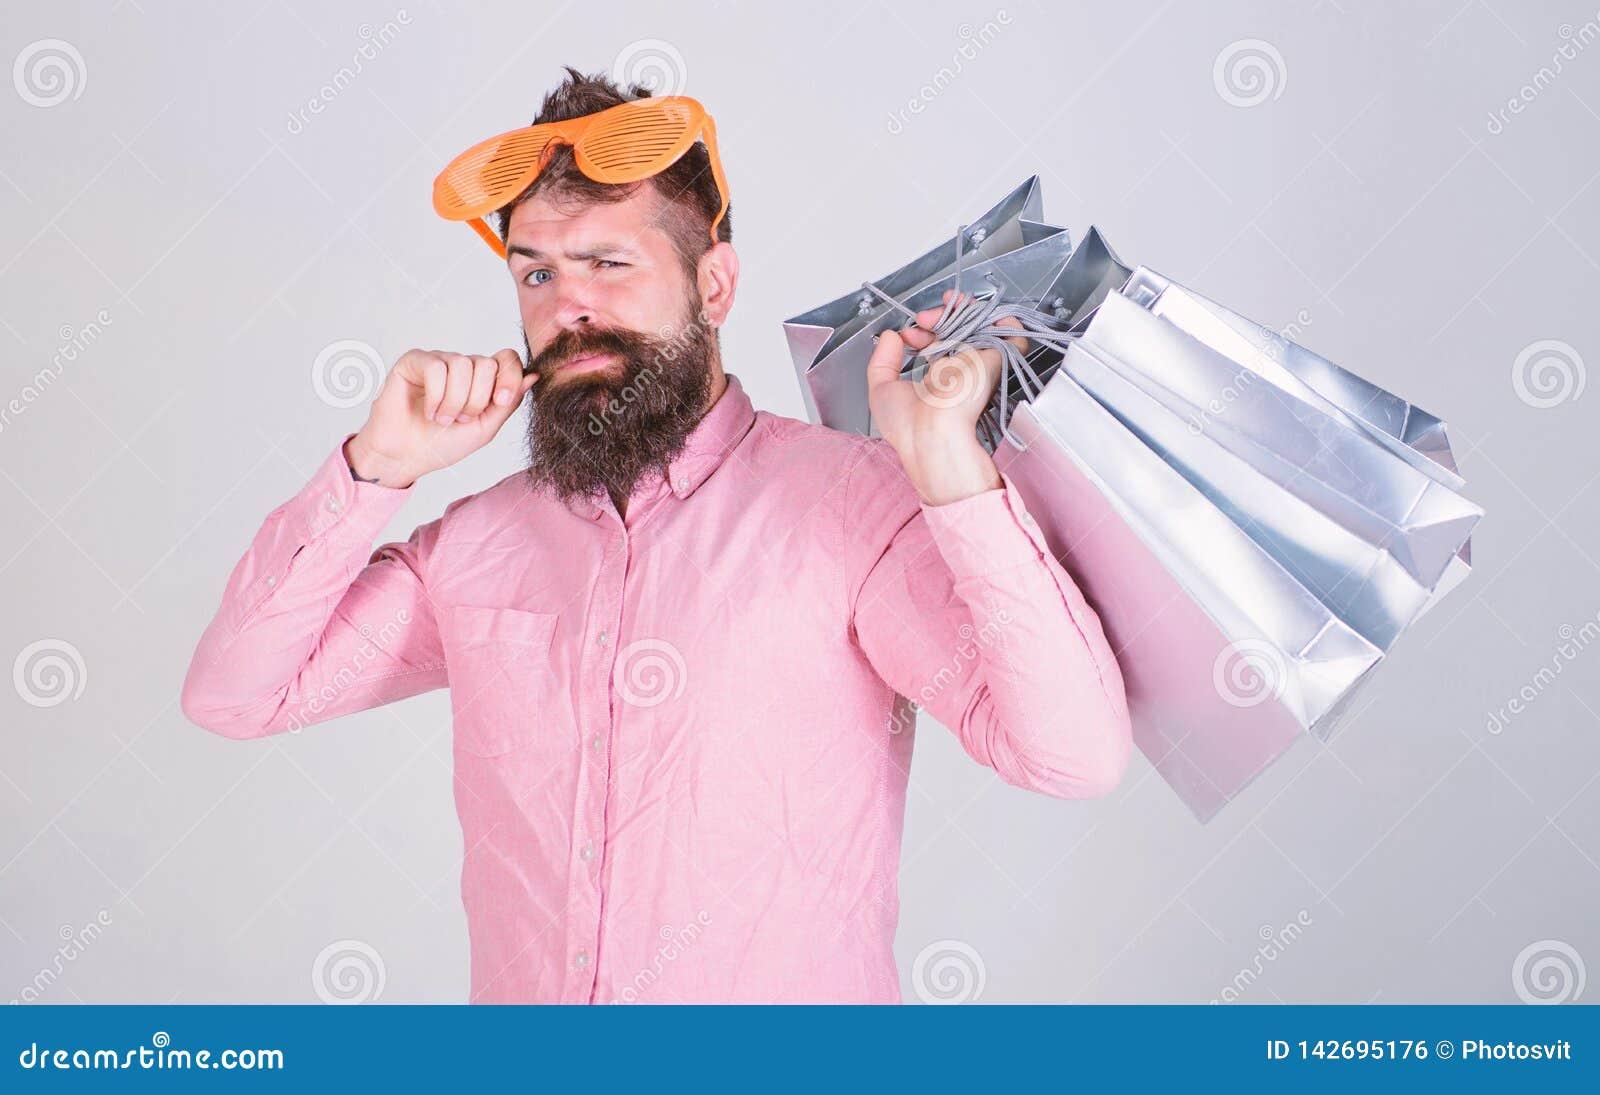 黑色星期五购物 与束纸袋的愉快的购物 购物的上瘾的消费者 人有胡子的行家穿戴